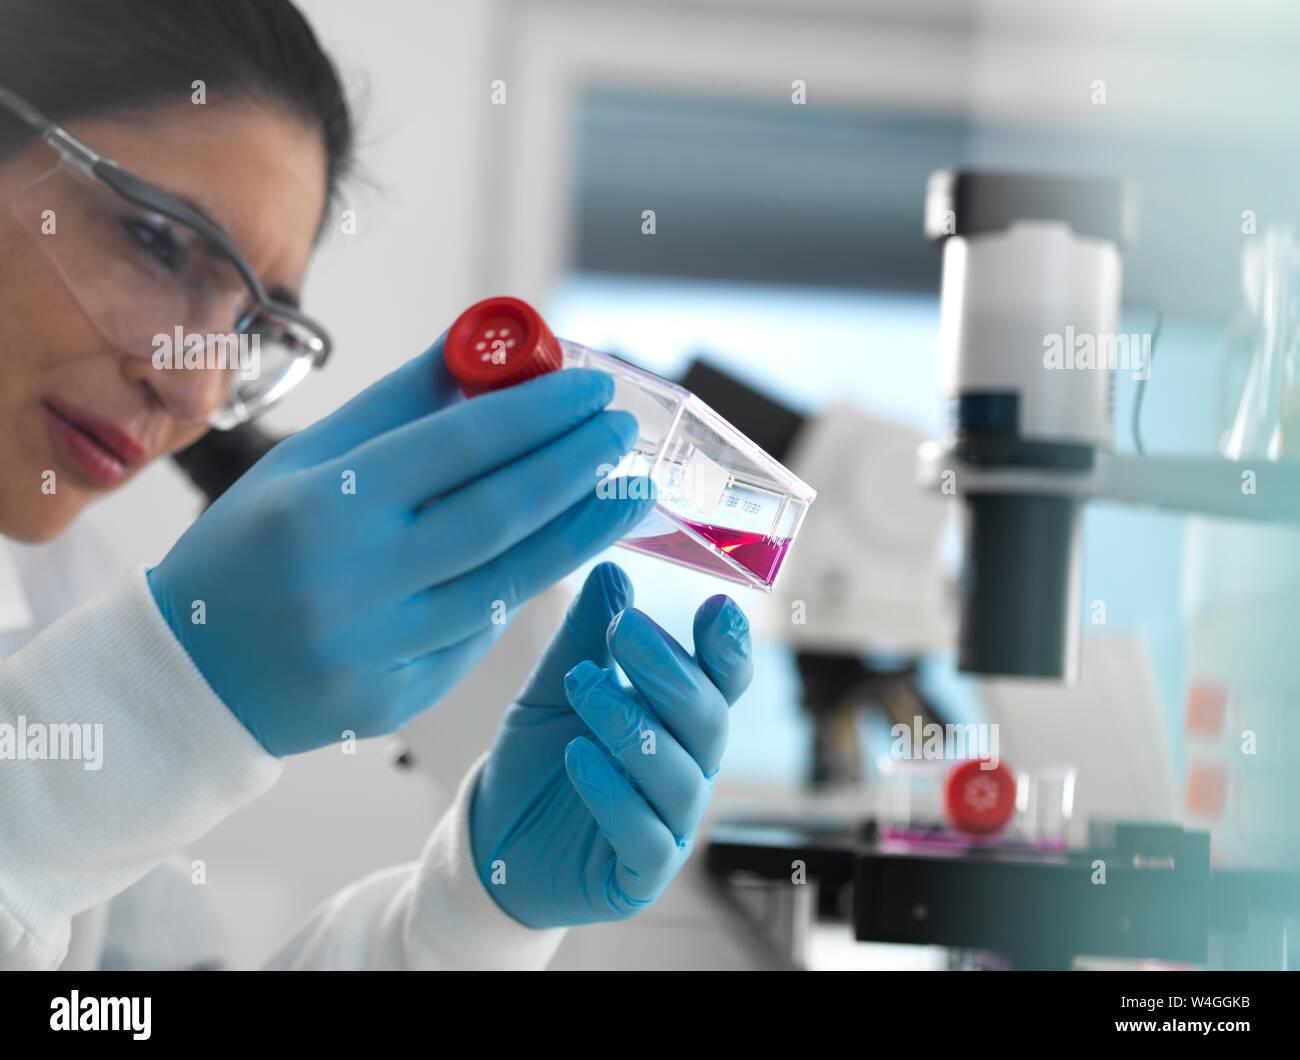 La investigación con células humanas, biólogo celular femenino examinando un matraz conteniendo células madre, cultivadas en rojo el medio de crecimiento en el laboratorio. Foto de stock